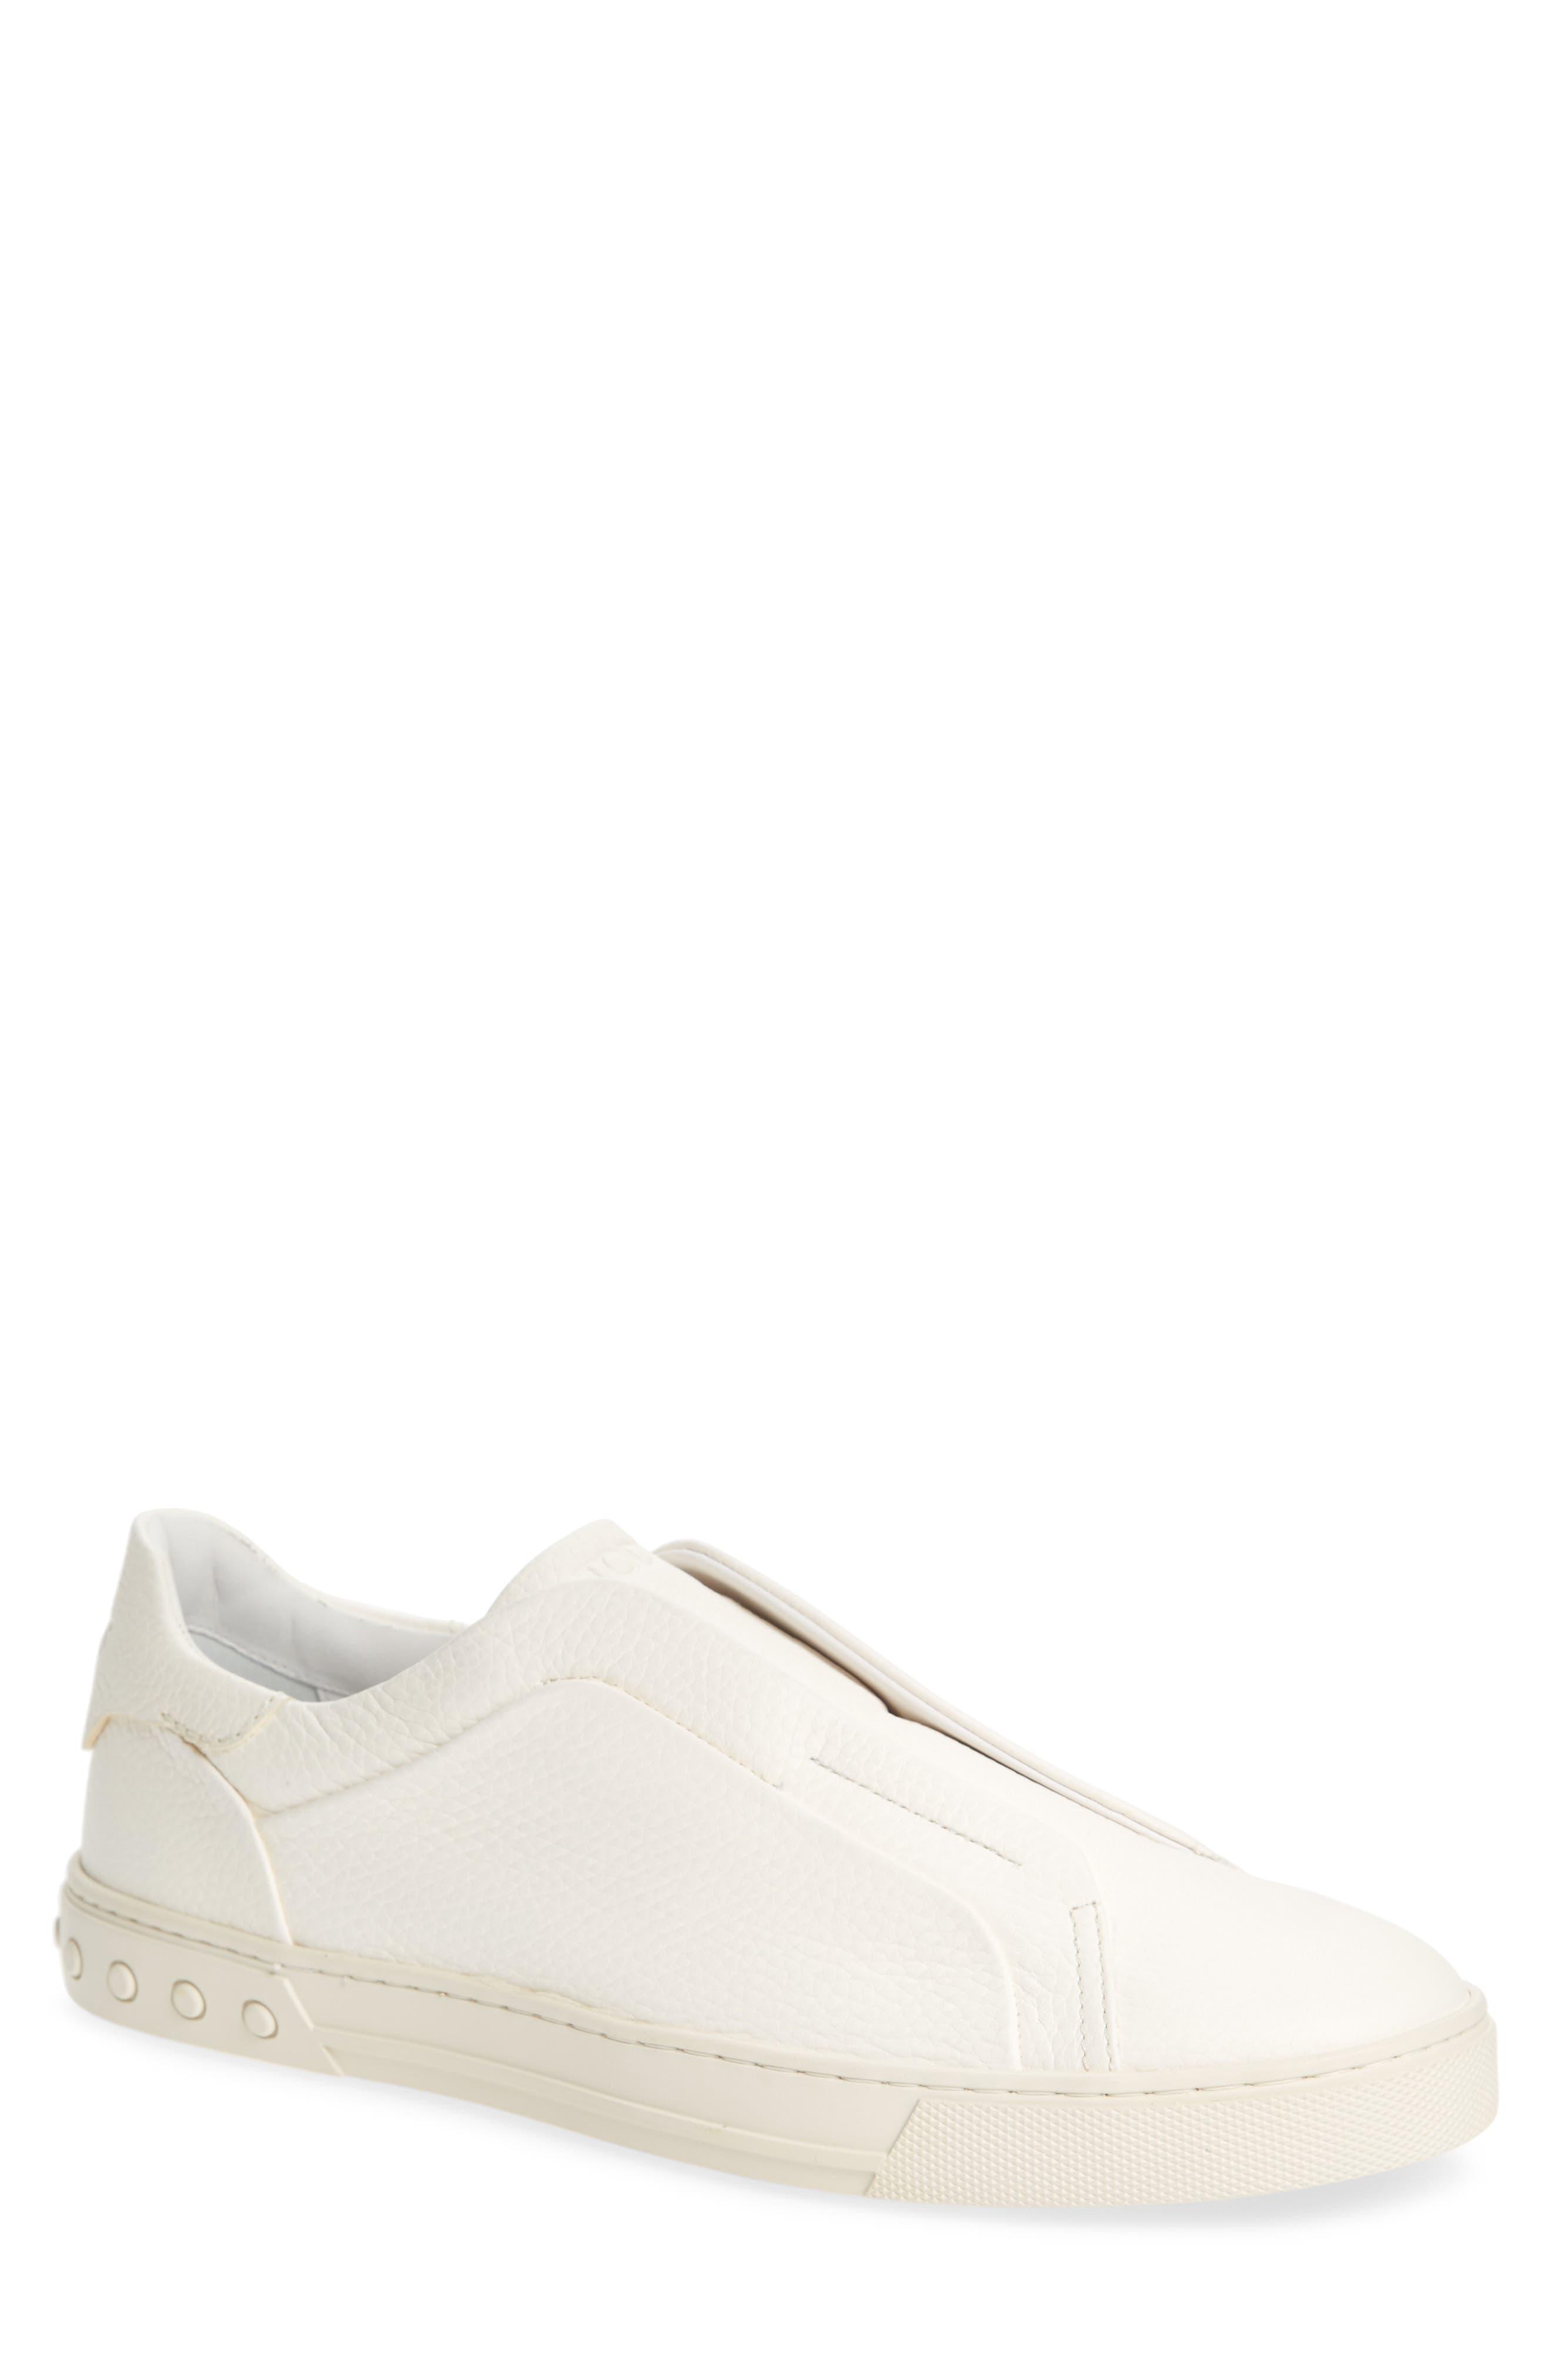 Cassetta Slip-on Sneaker,                             Main thumbnail 1, color,                             White